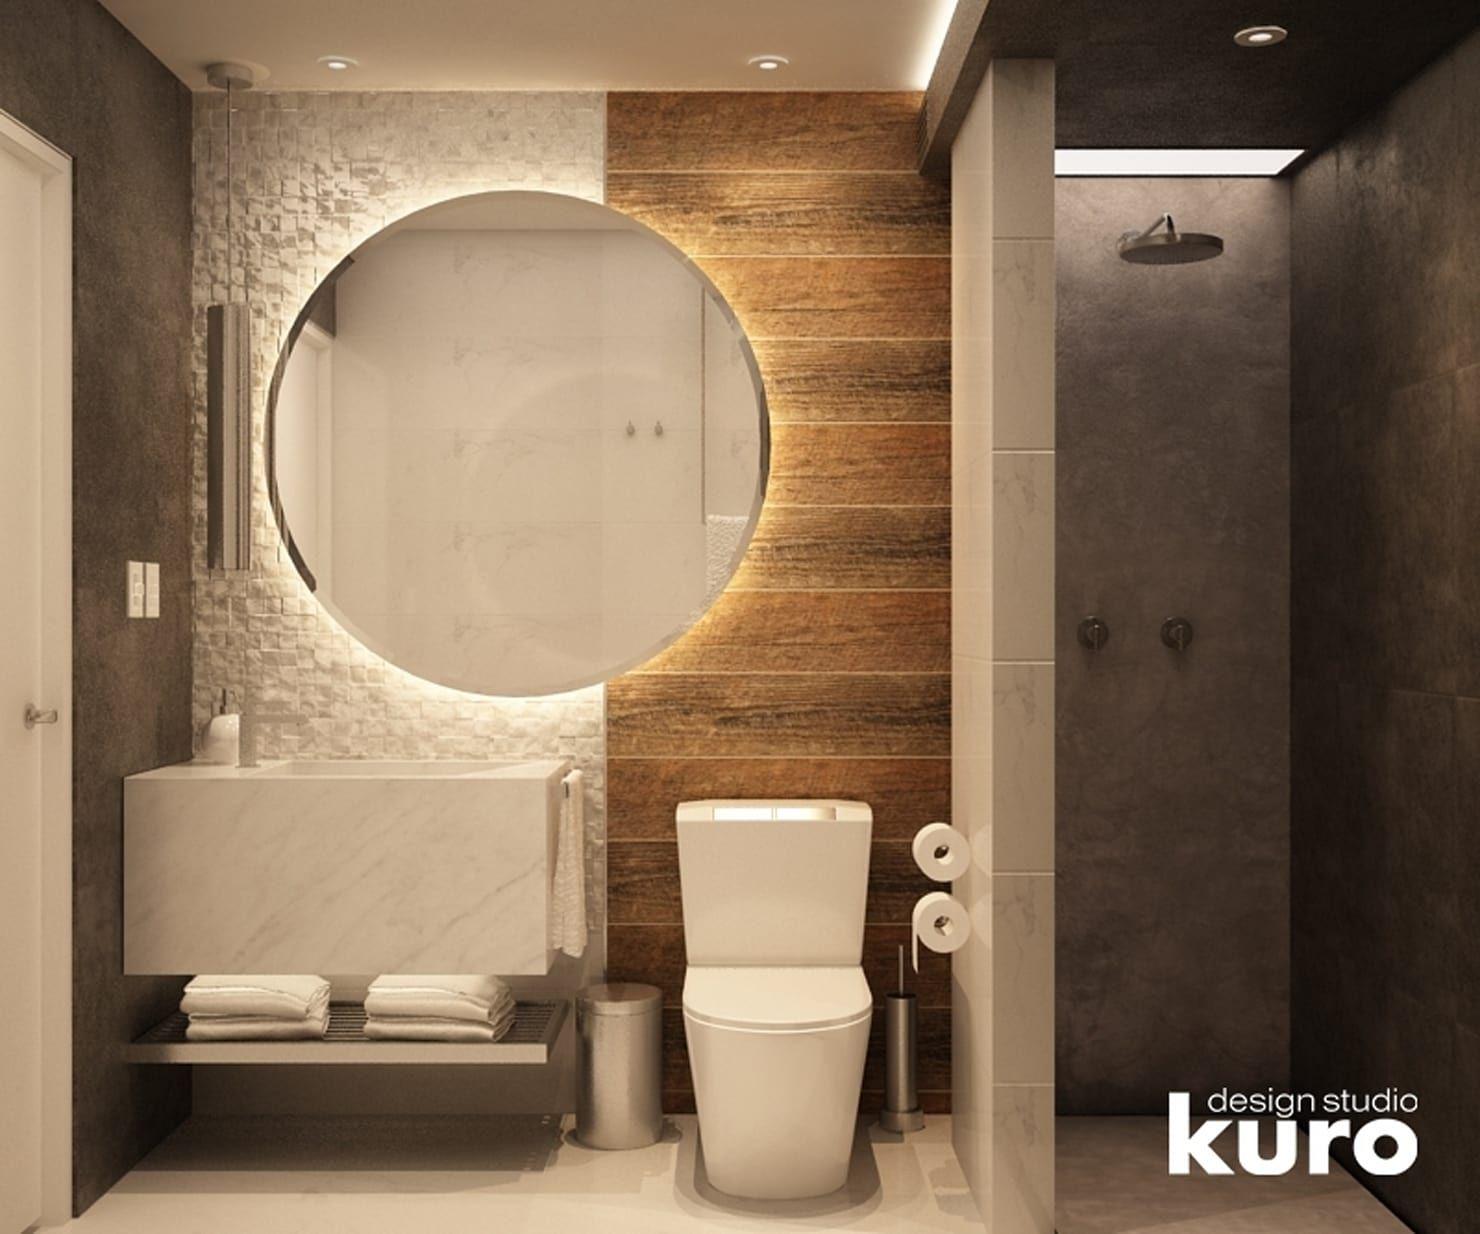 15 Beautiful Ideas For Small Bathrooms Banheiros Modernos Ideias Para Casas De Banho Decoracao Do Banheiro